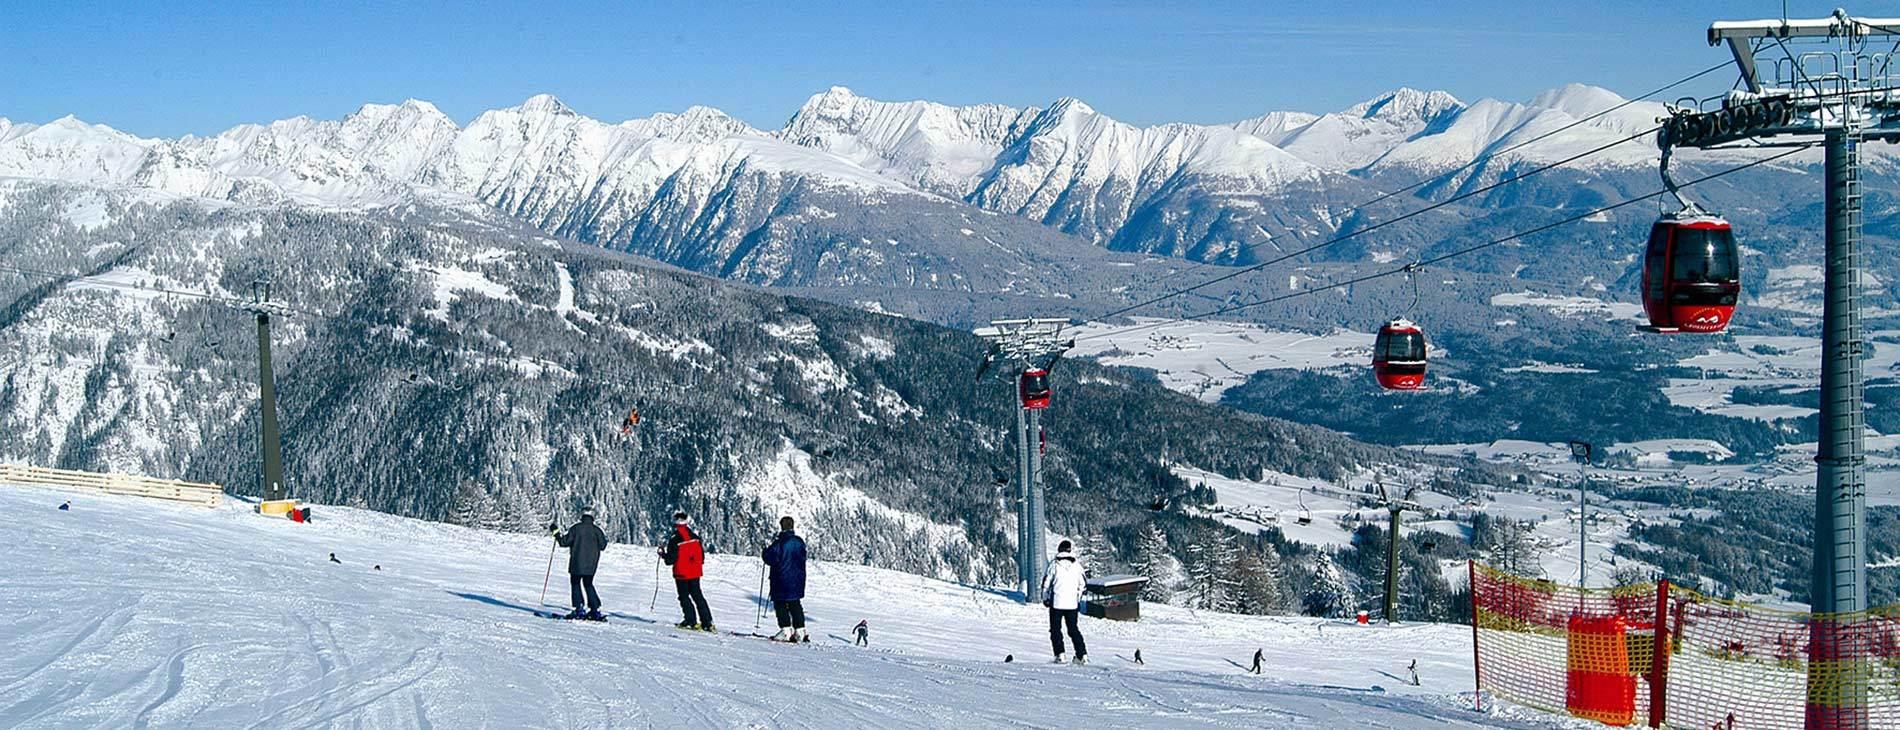 Winterwunderland Salzburger Lungau